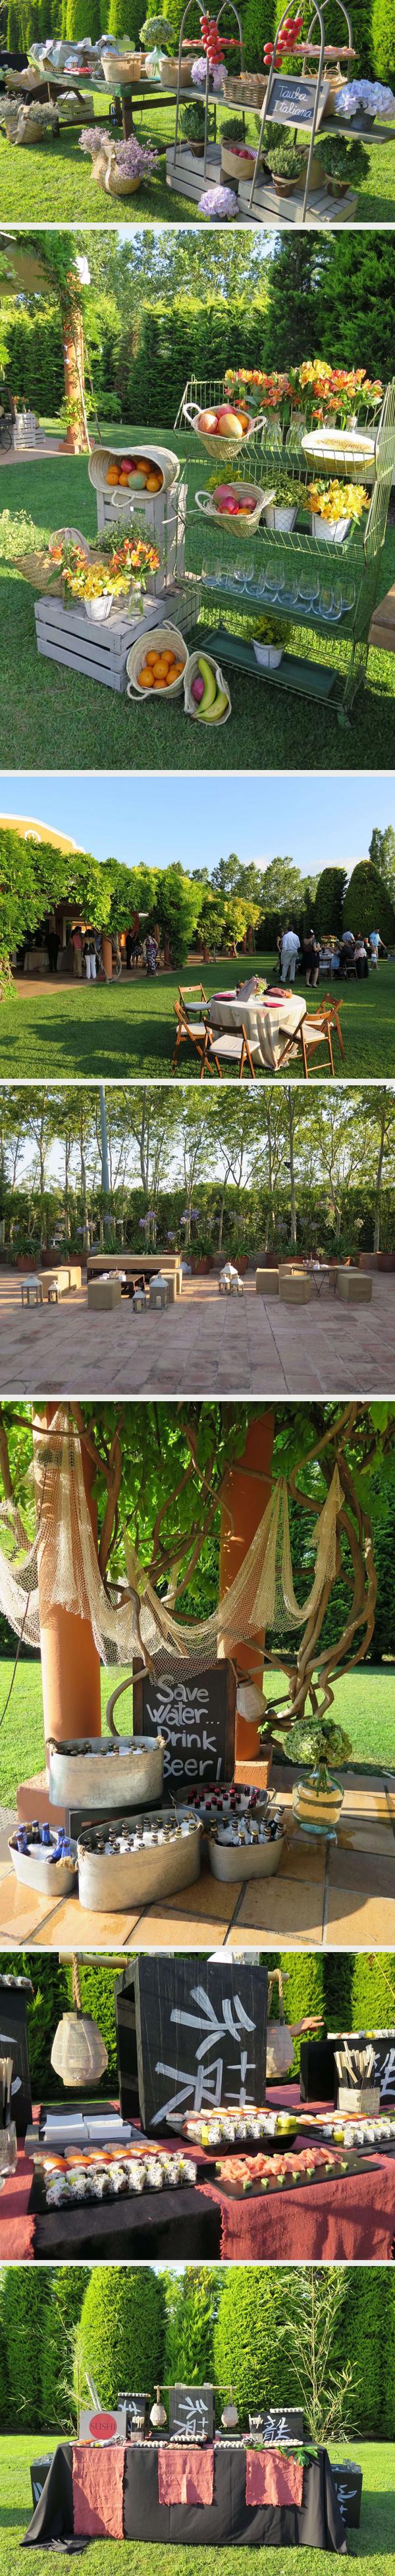 Una boda íntima y familiar. 2016. www.aspic.es #catering #cateringbarcelona #cateringbodas #cateringeventos #bodas2016 #bodas2017 #espacios #bodas #aspiccatering #eventos